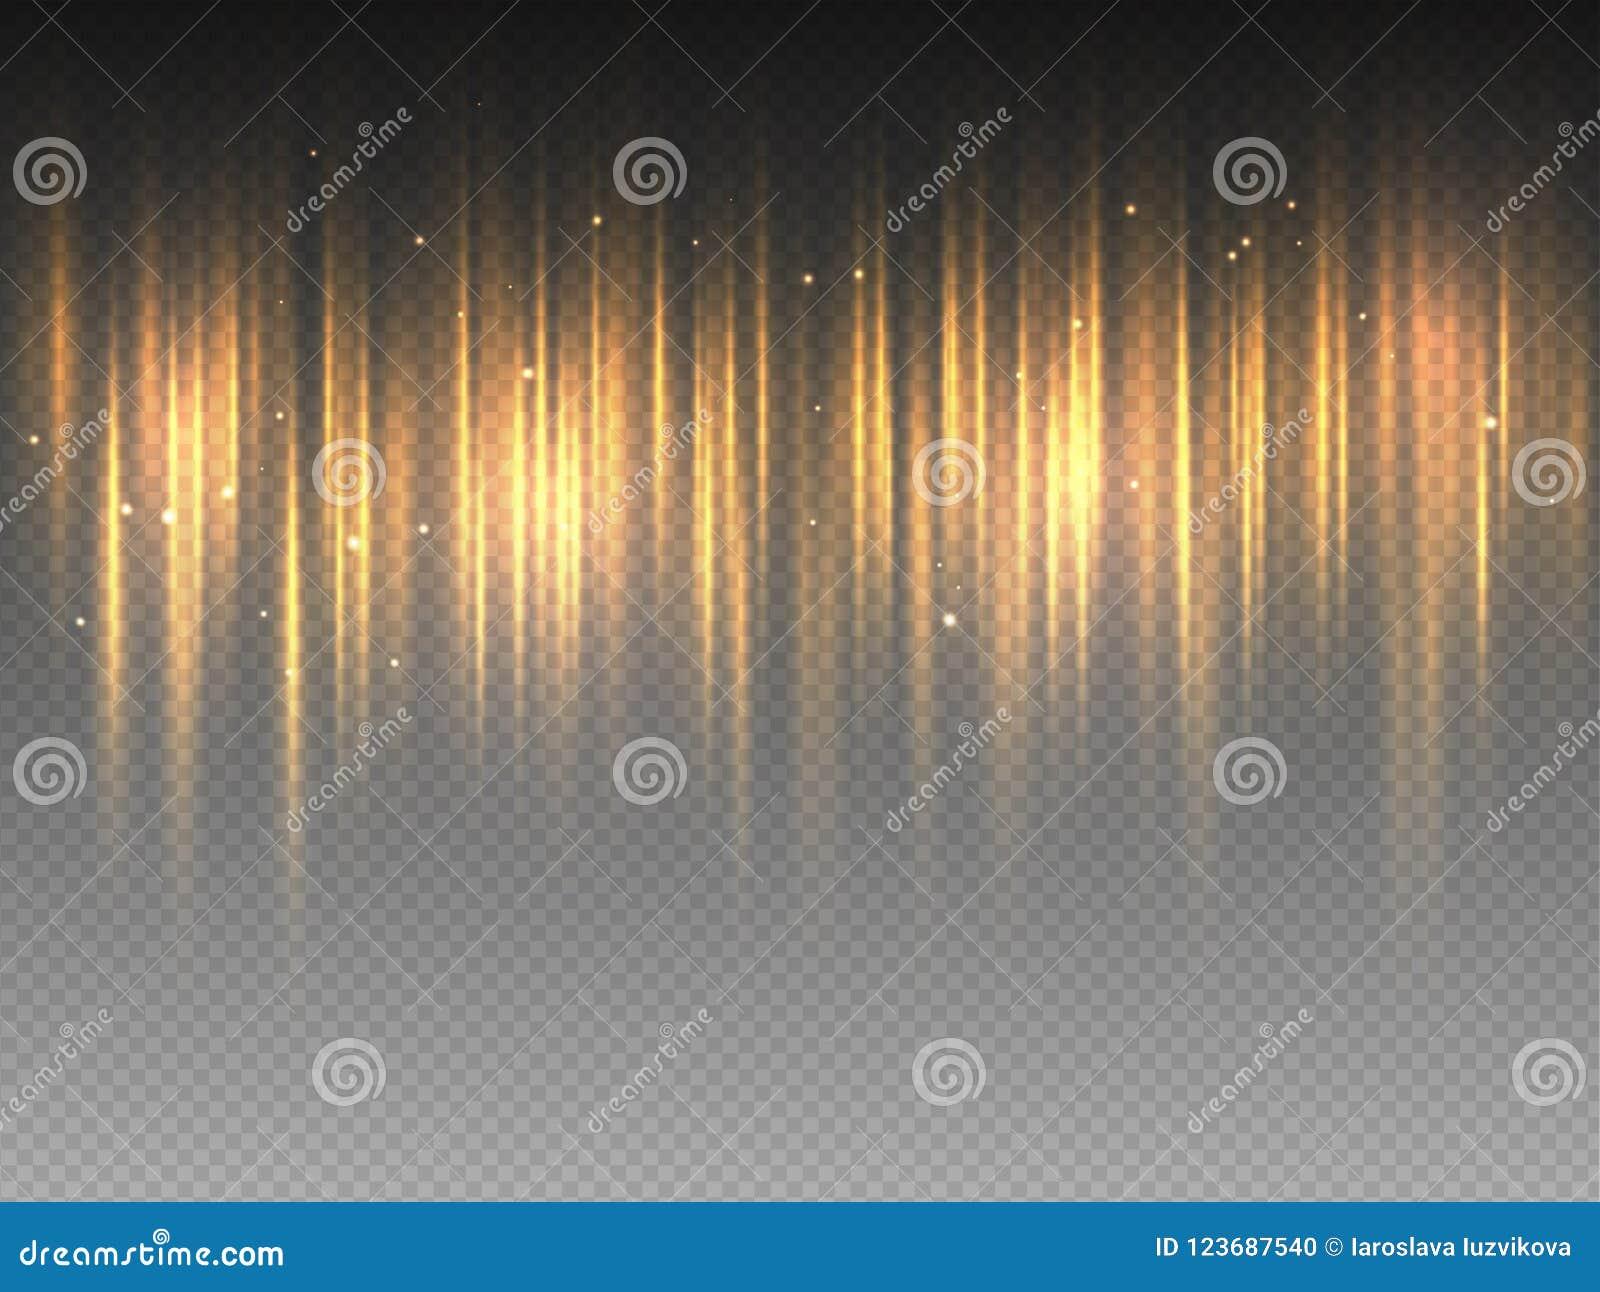 Vertikalt guld- gult strålglansglöd som pulserar strålar på genomskinlig bakgrund Abstrakt illustration för vektor av varm orange